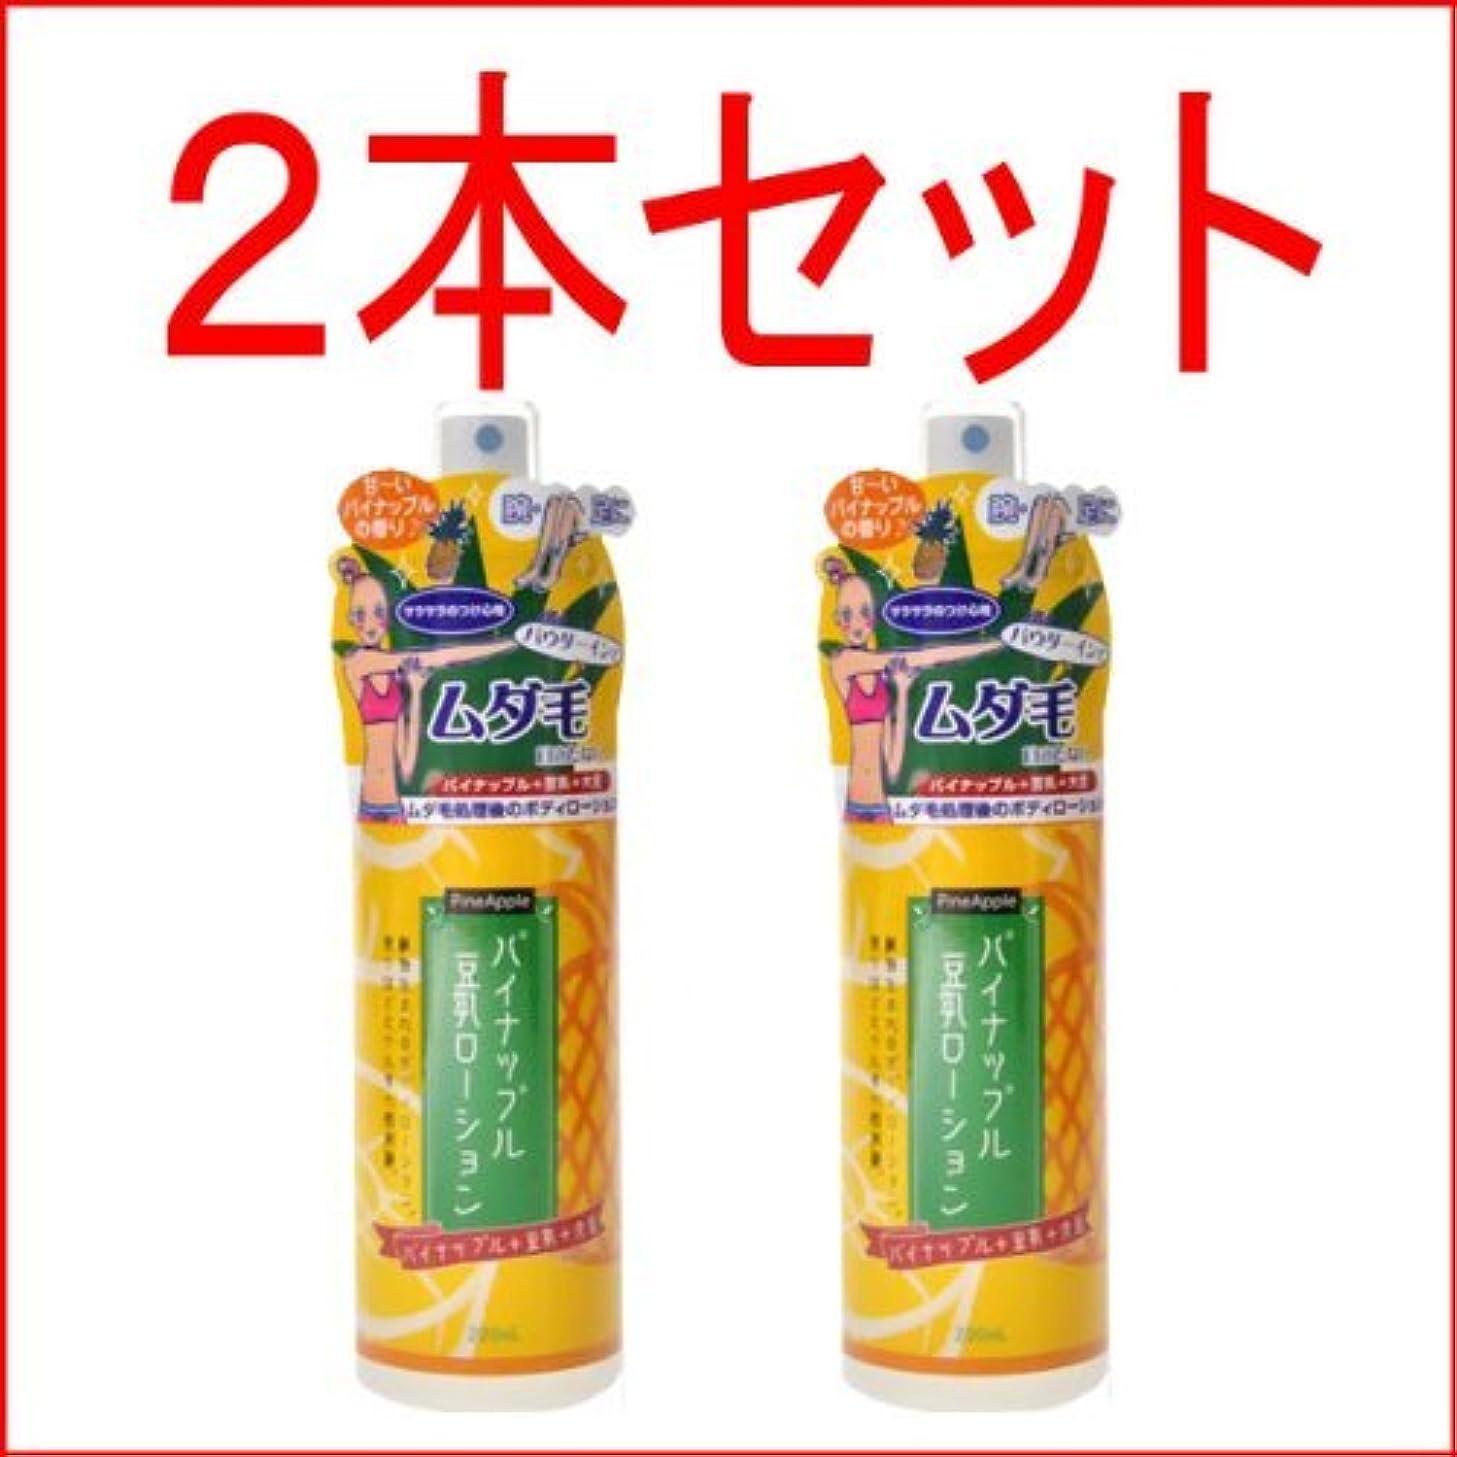 ボード水素有罪パイナップル豆乳ローション2本セット【ムダ毛処理後専用ボディーローション】